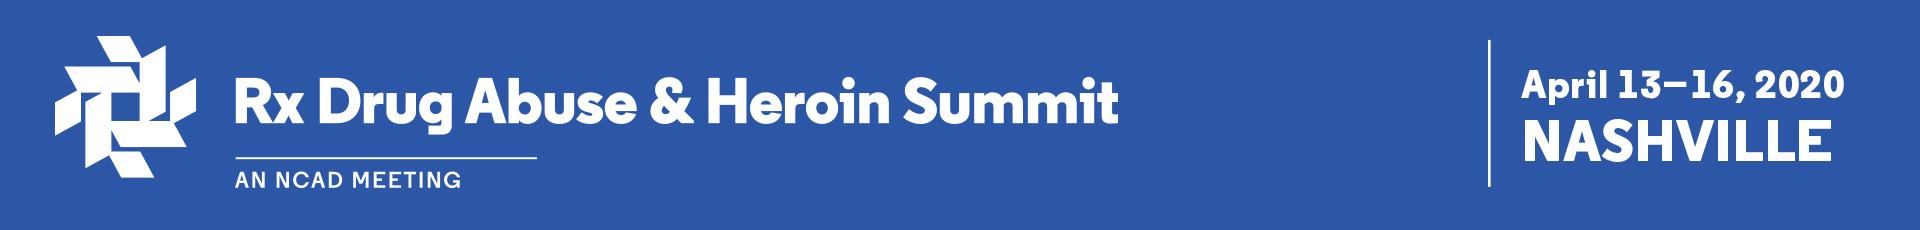 Rx Summit 2020 Event Banner